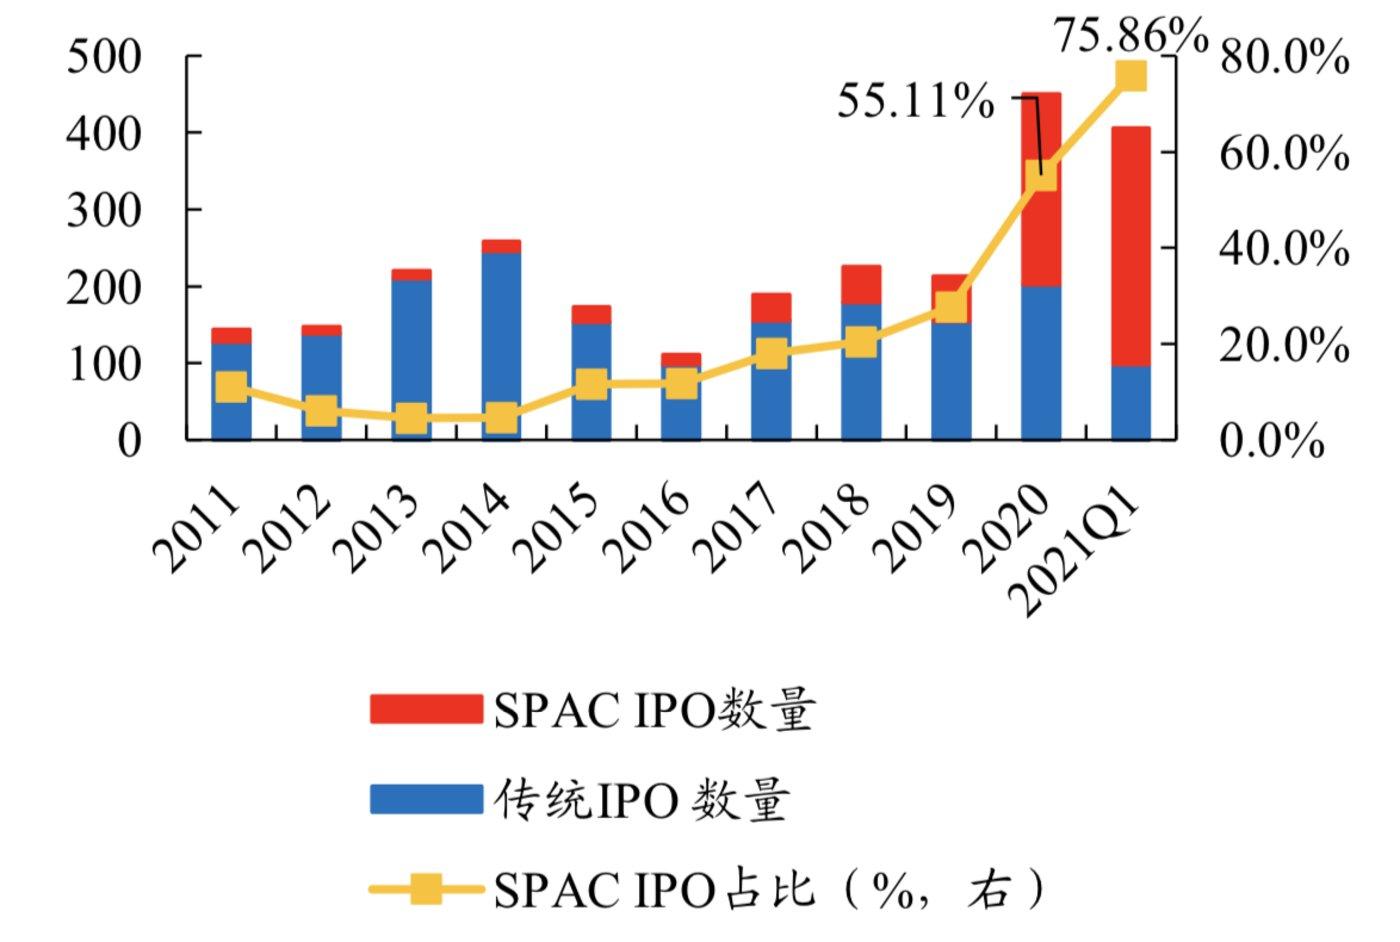 2021Q1 SPAC 的 IPO 数量占总量的近 80%,制图:开源证券